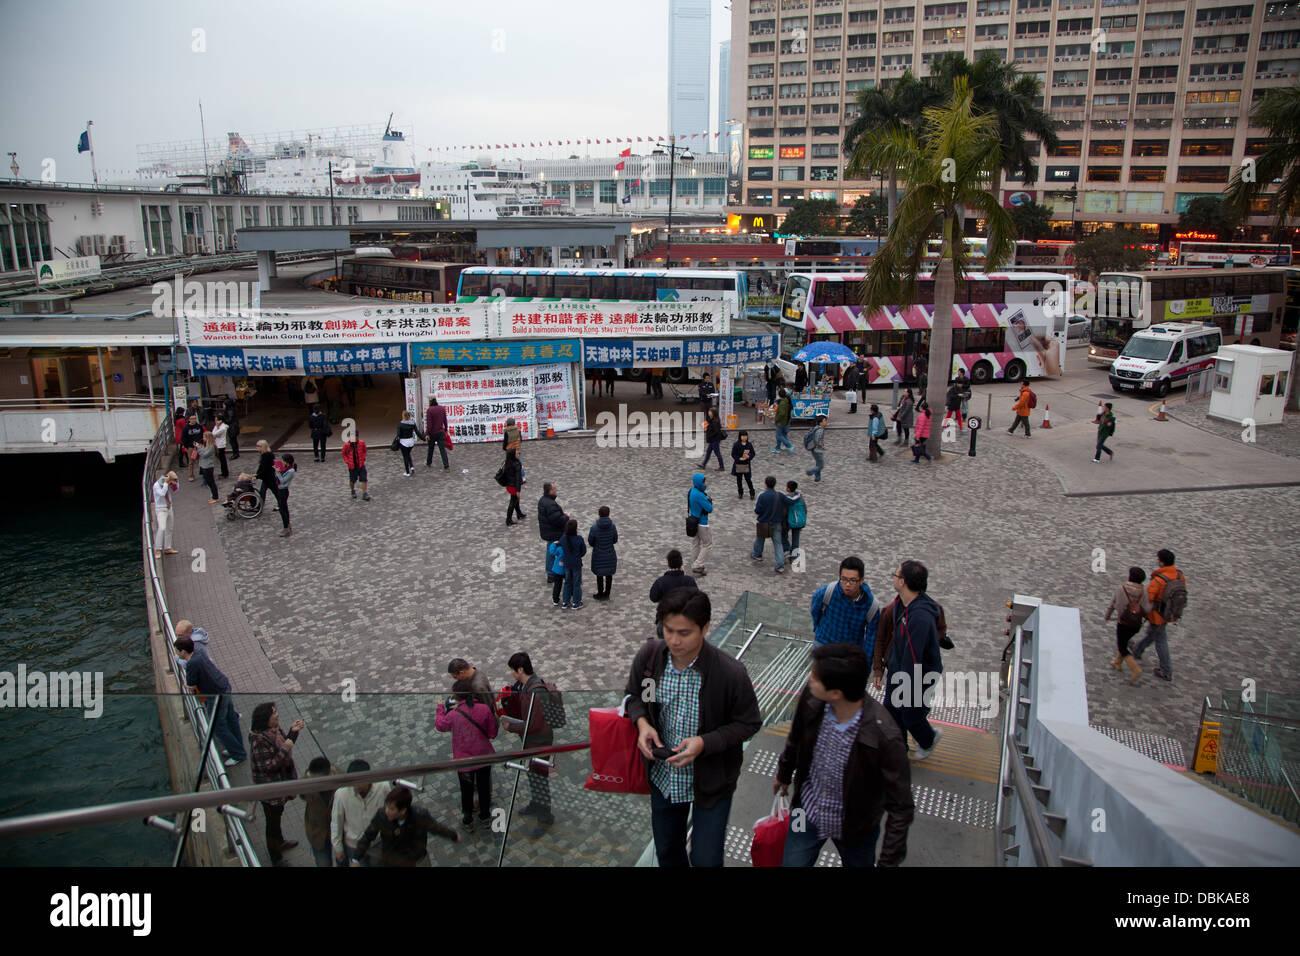 Le port de Hong Kong skyline tourisme touristes scène Banque D'Images